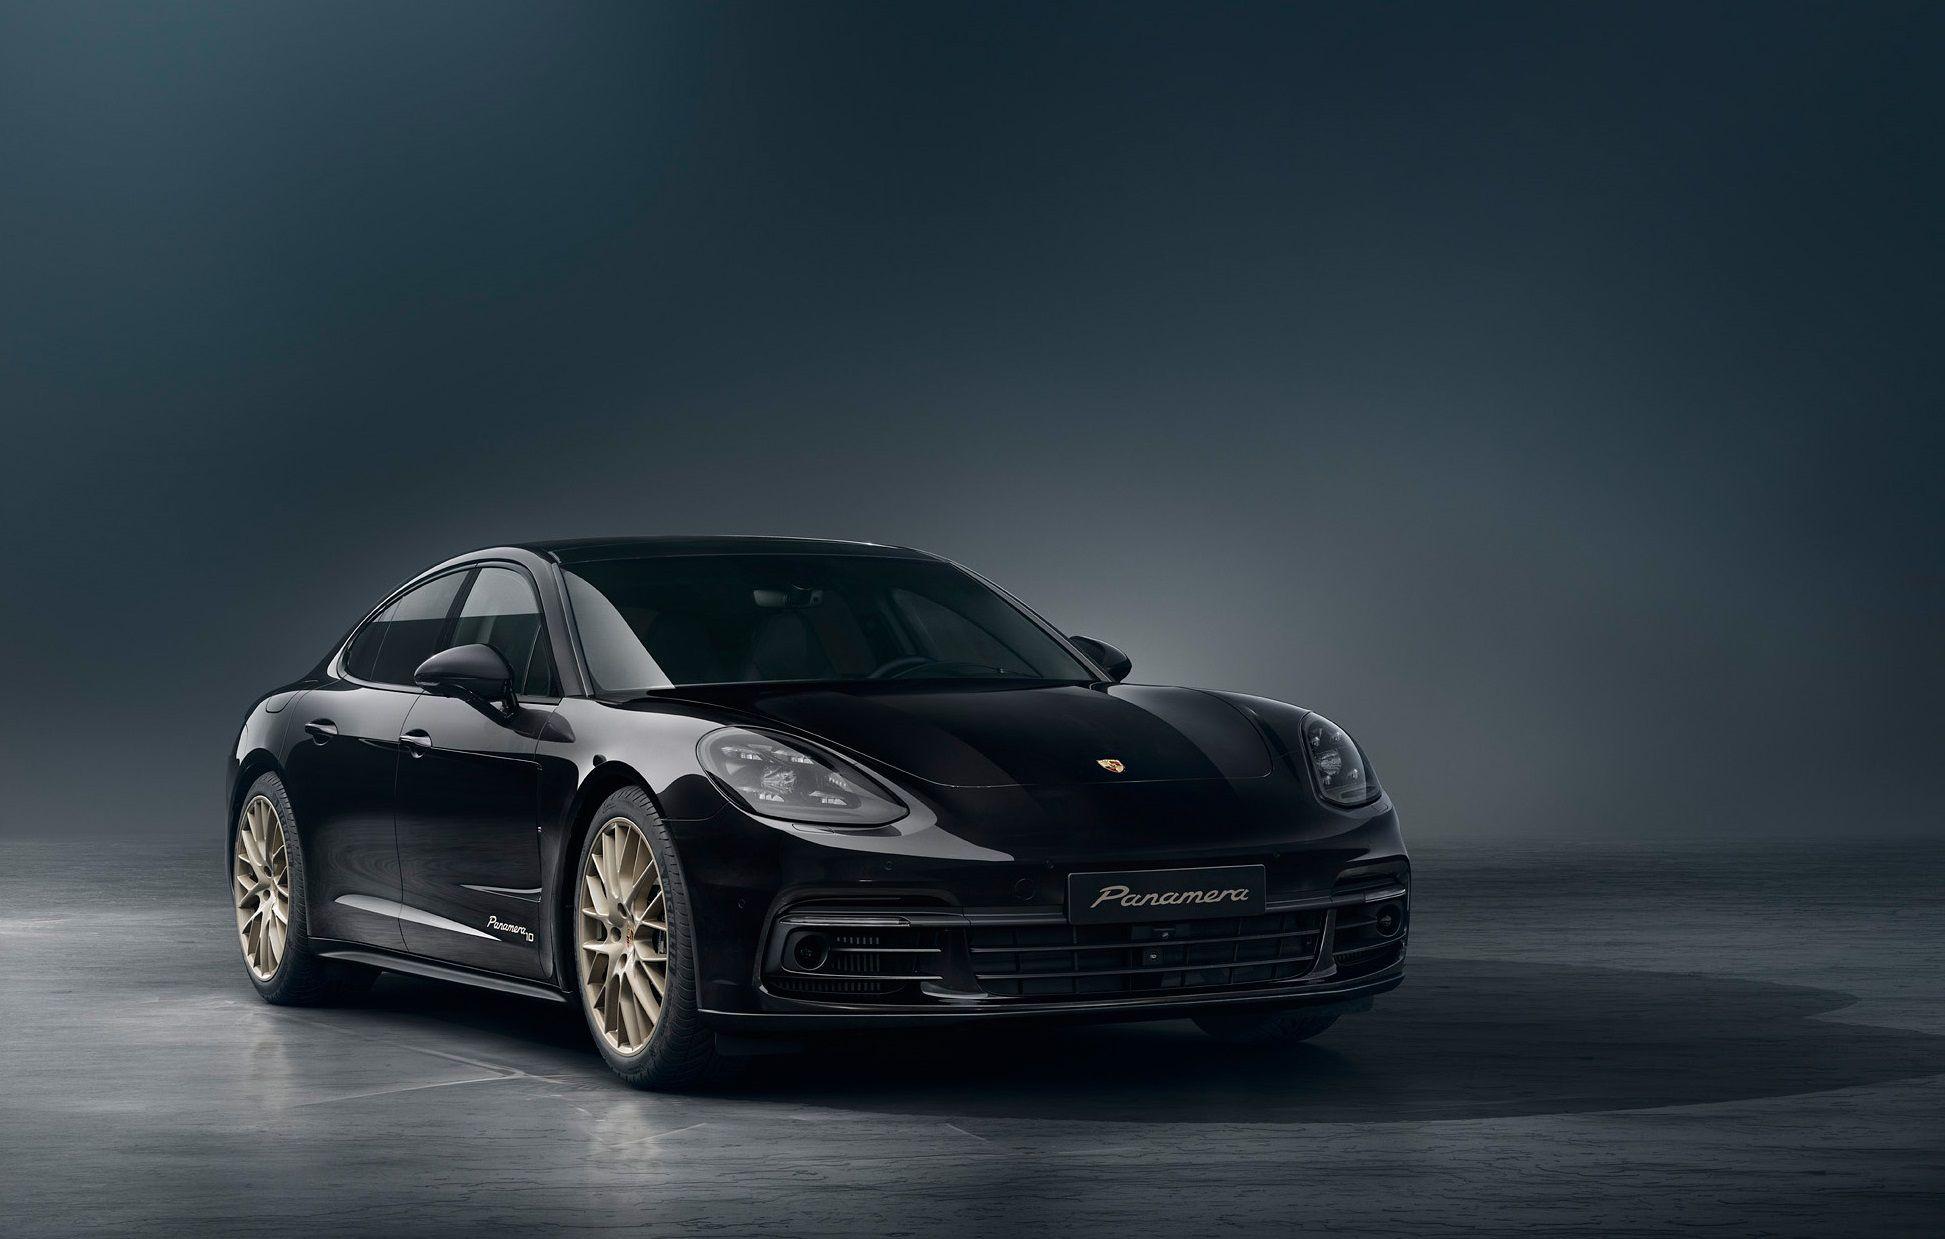 十週年紀念!Porsche「Panamera 10 Years Edition」外觀與配備雙升級